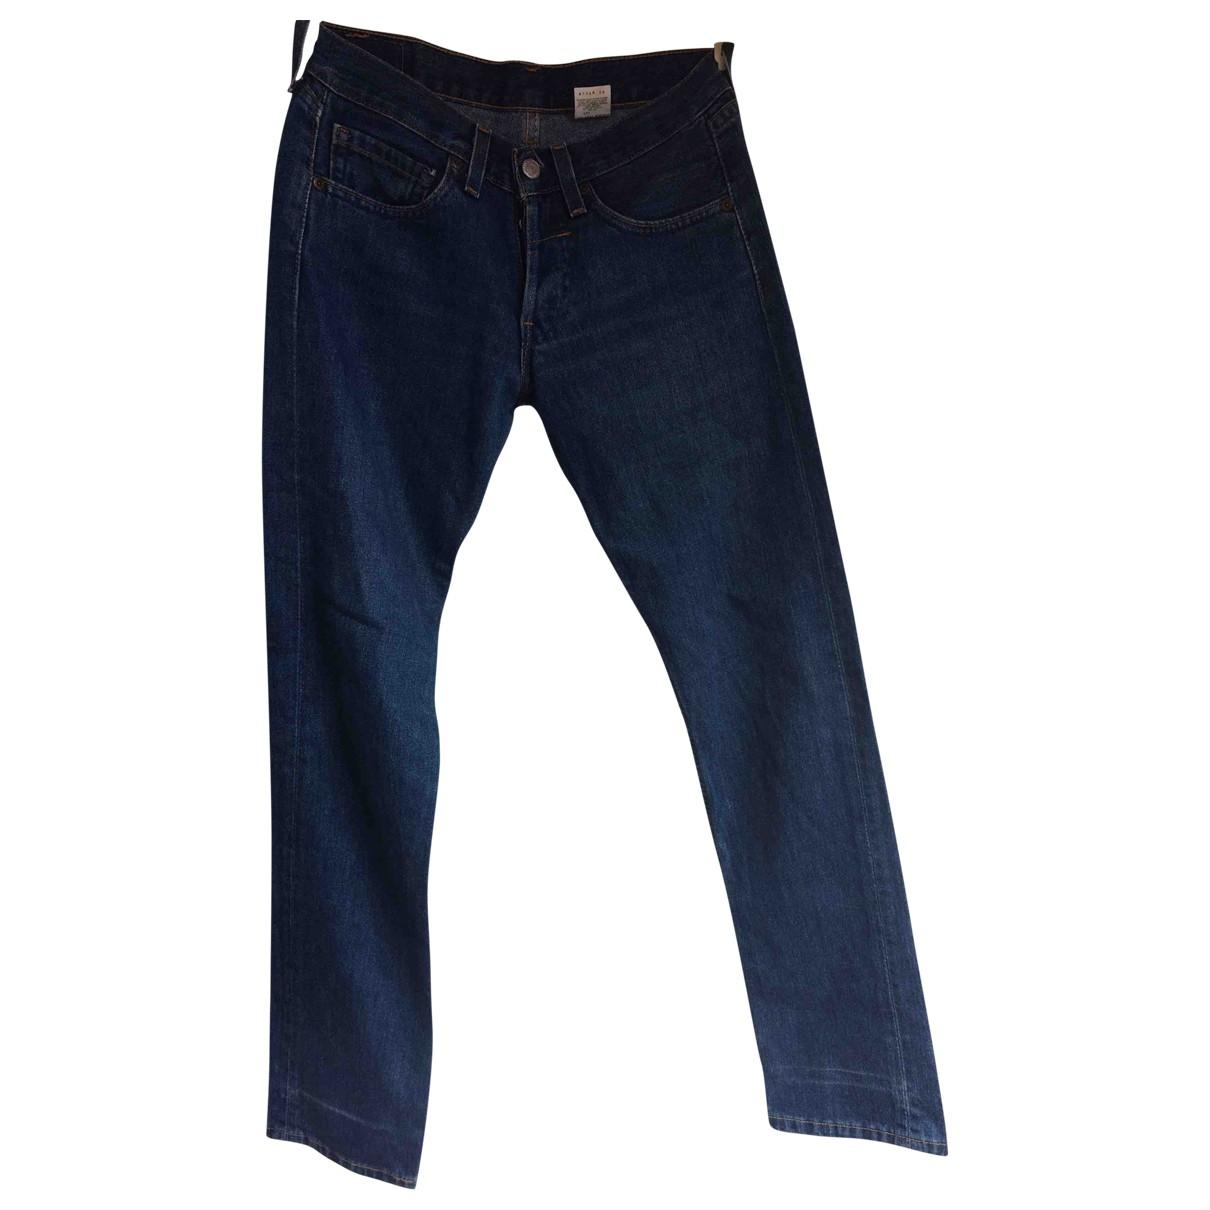 Pantalon recto Levis